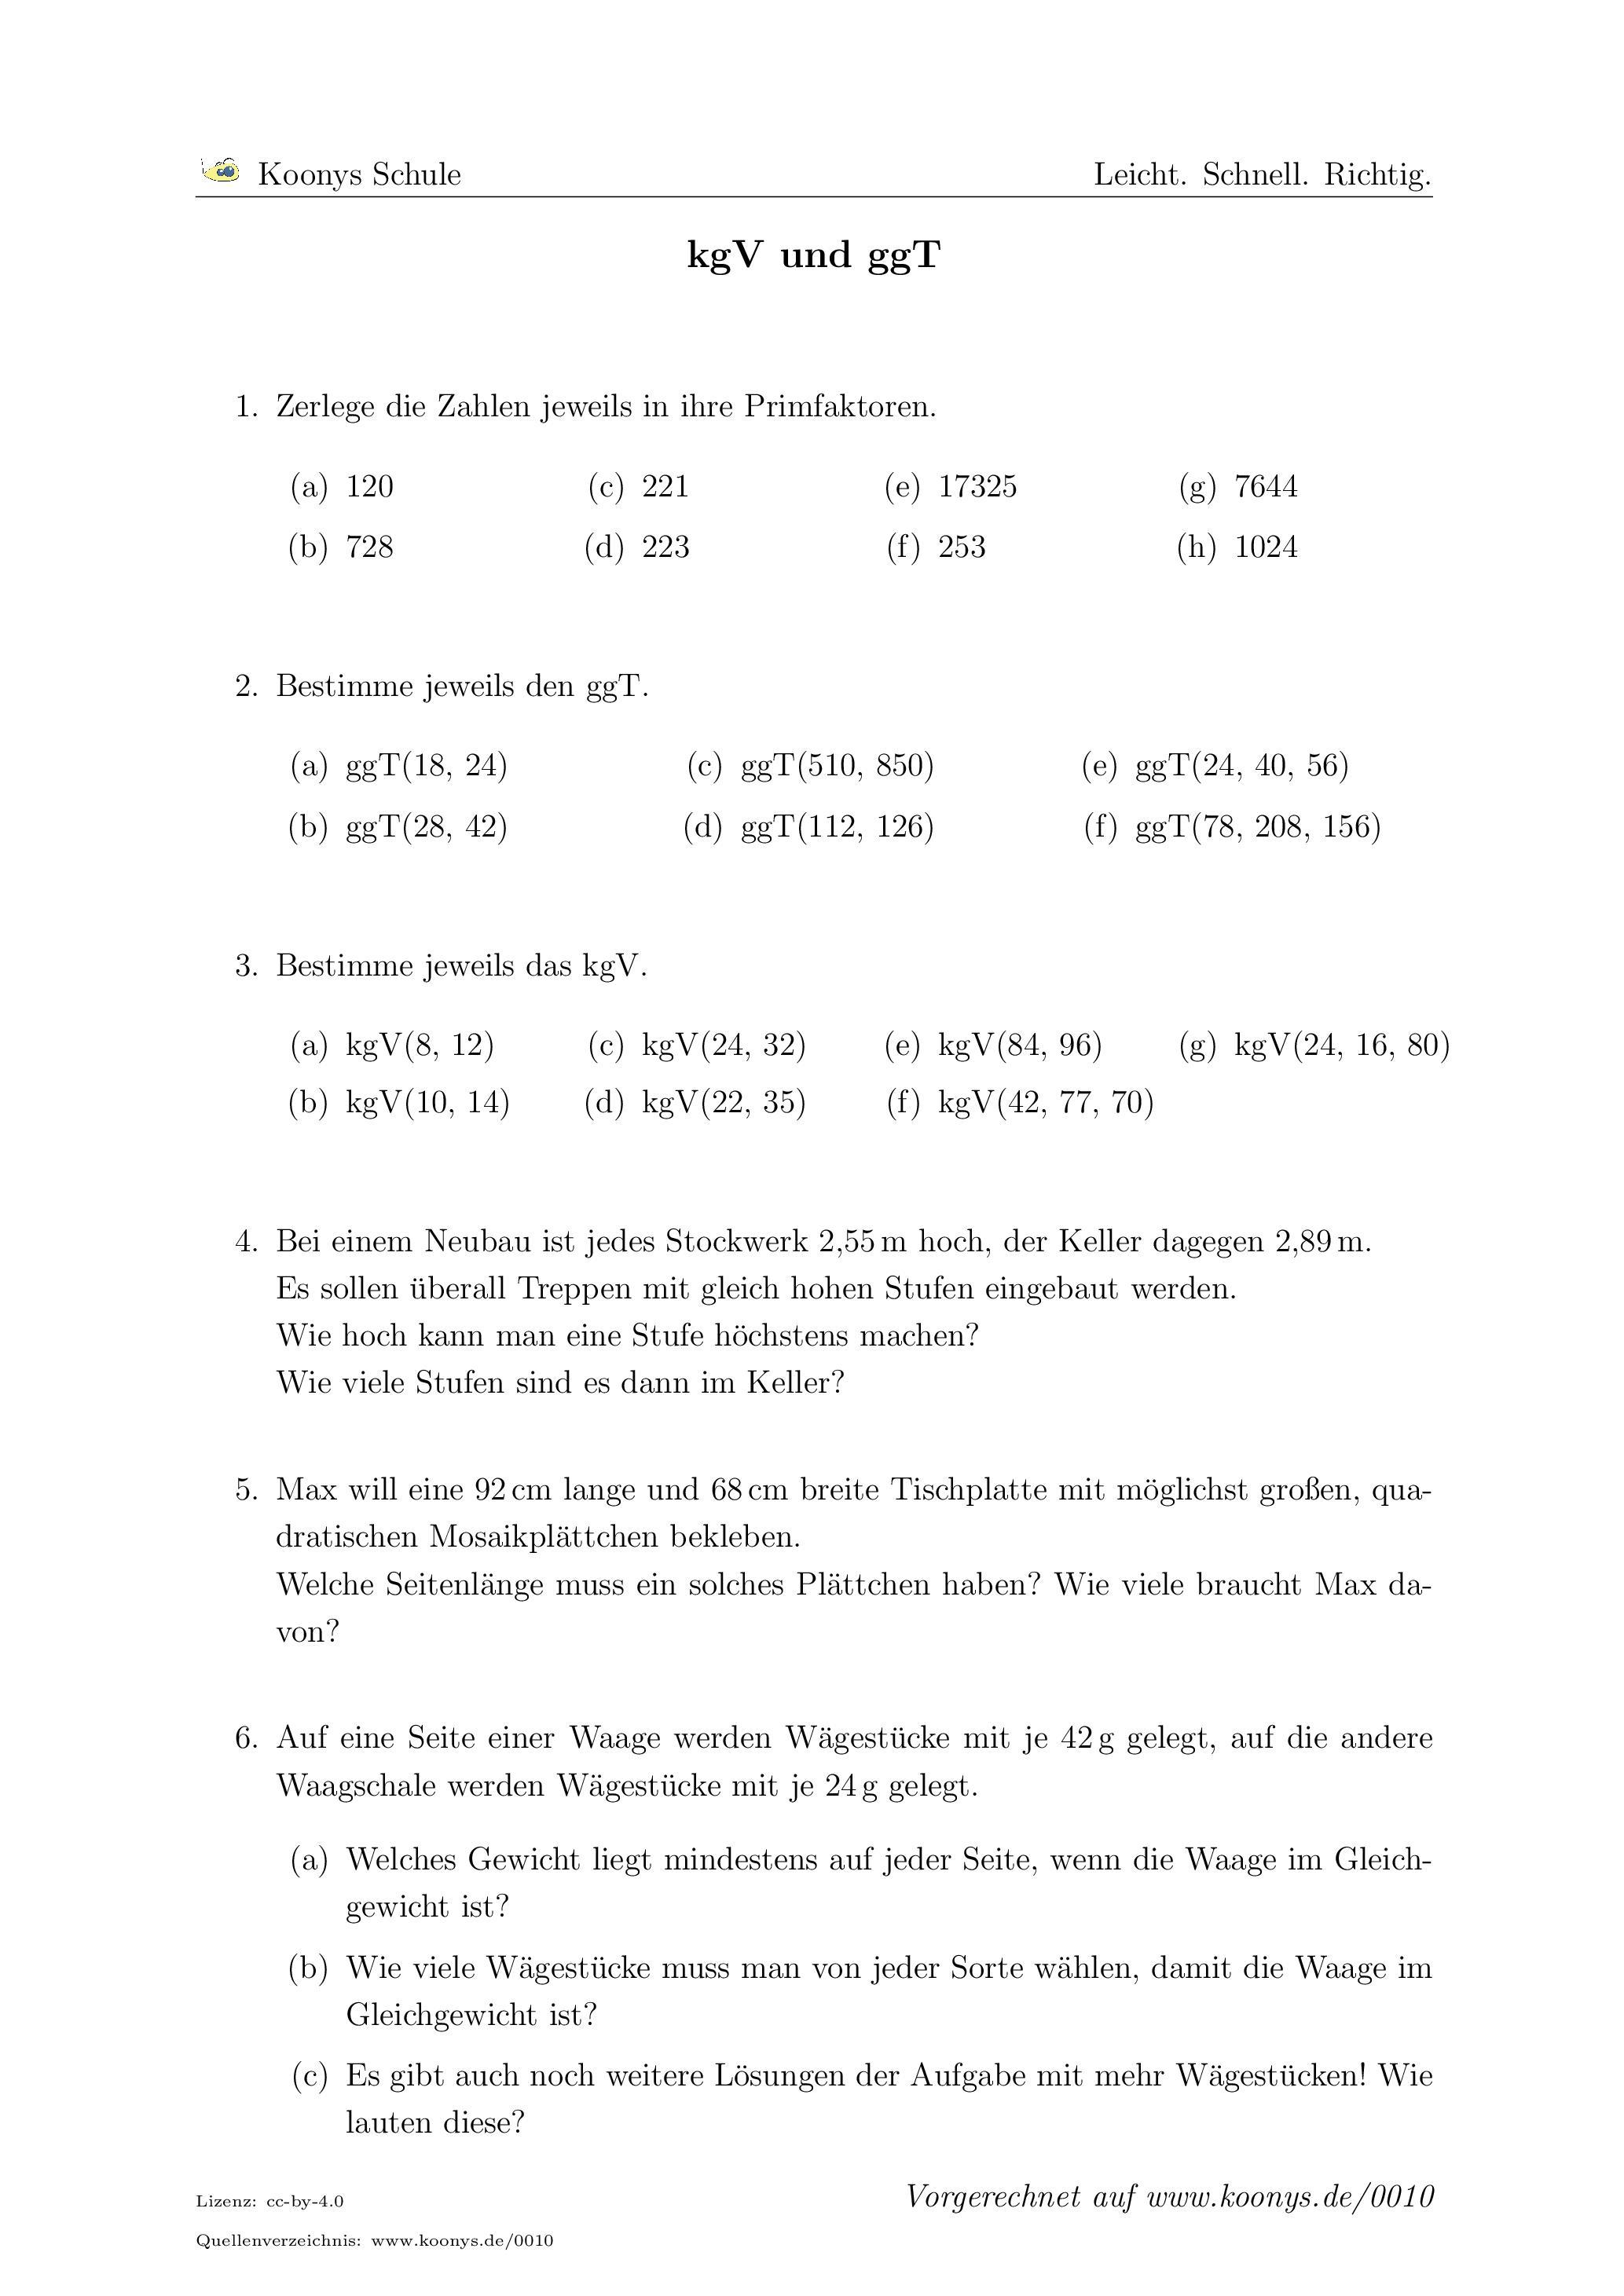 Aufgaben kgV und ggT mit Lösungen | Koonys Schule #0010